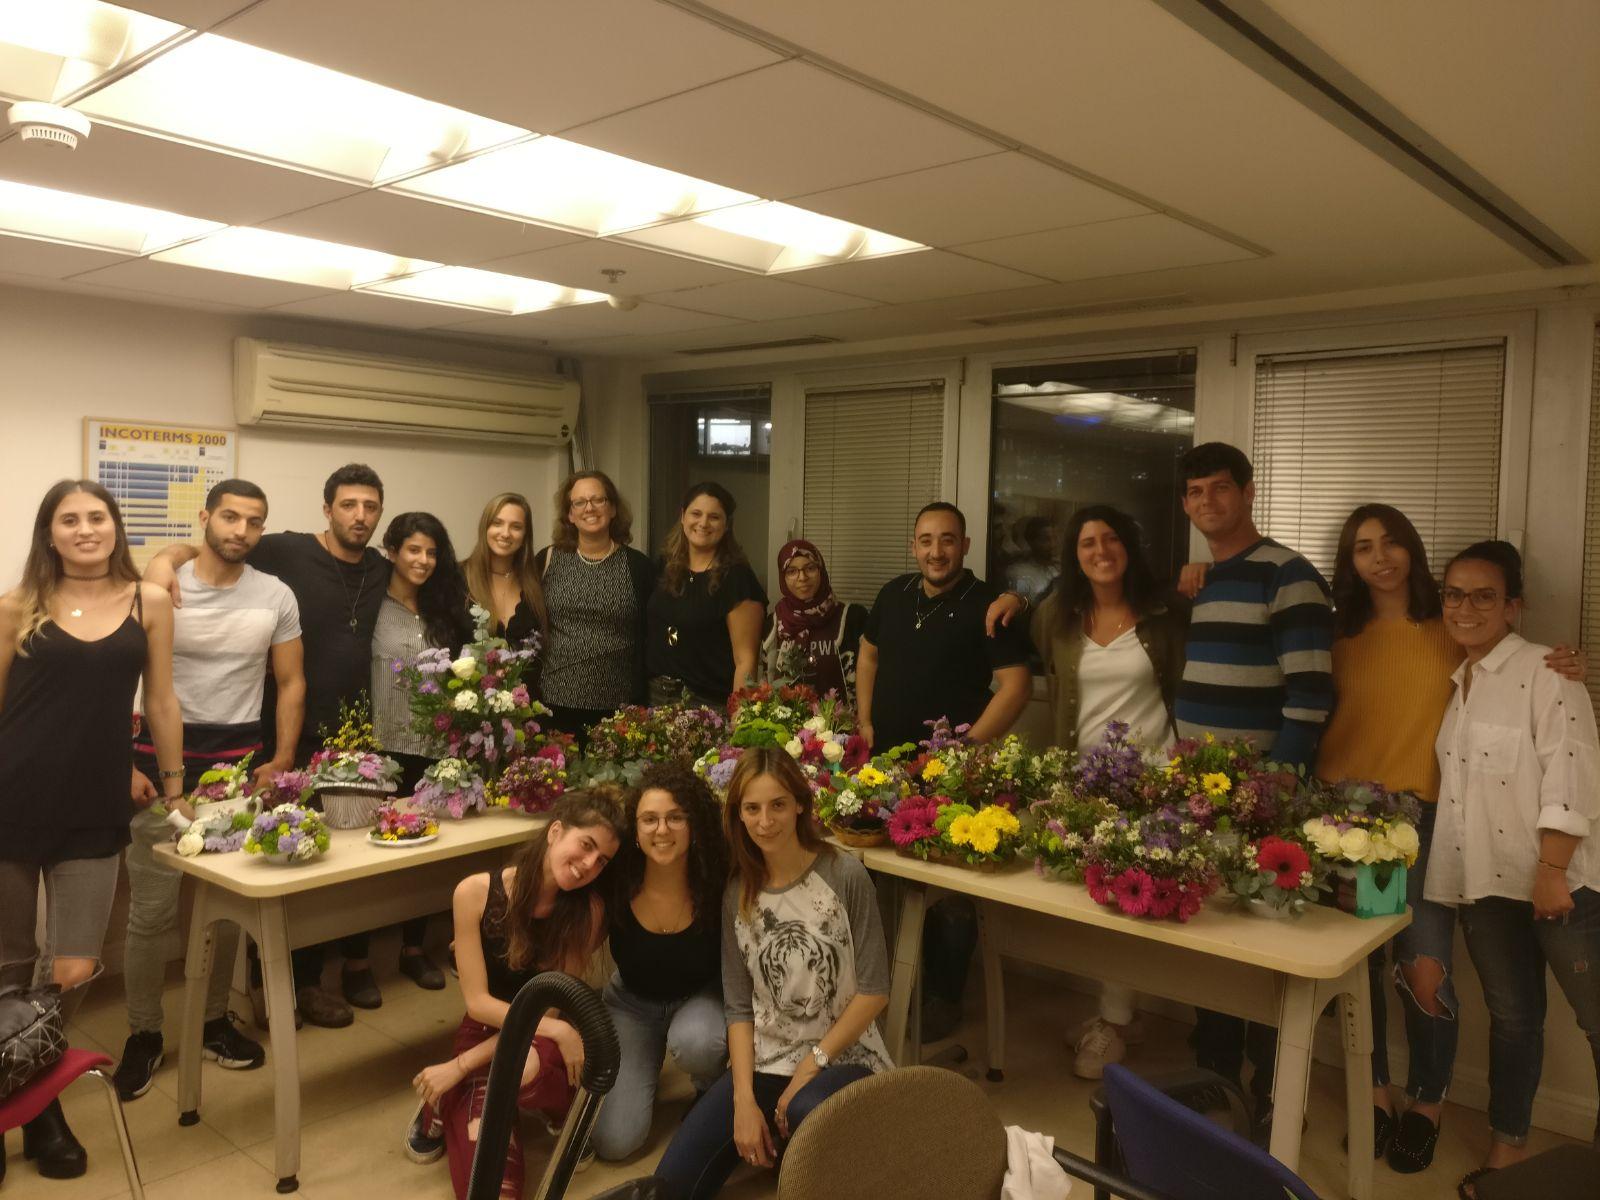 שיעור שזירת פרחים - קורס ניהול והפקת אירועים מחזור 19